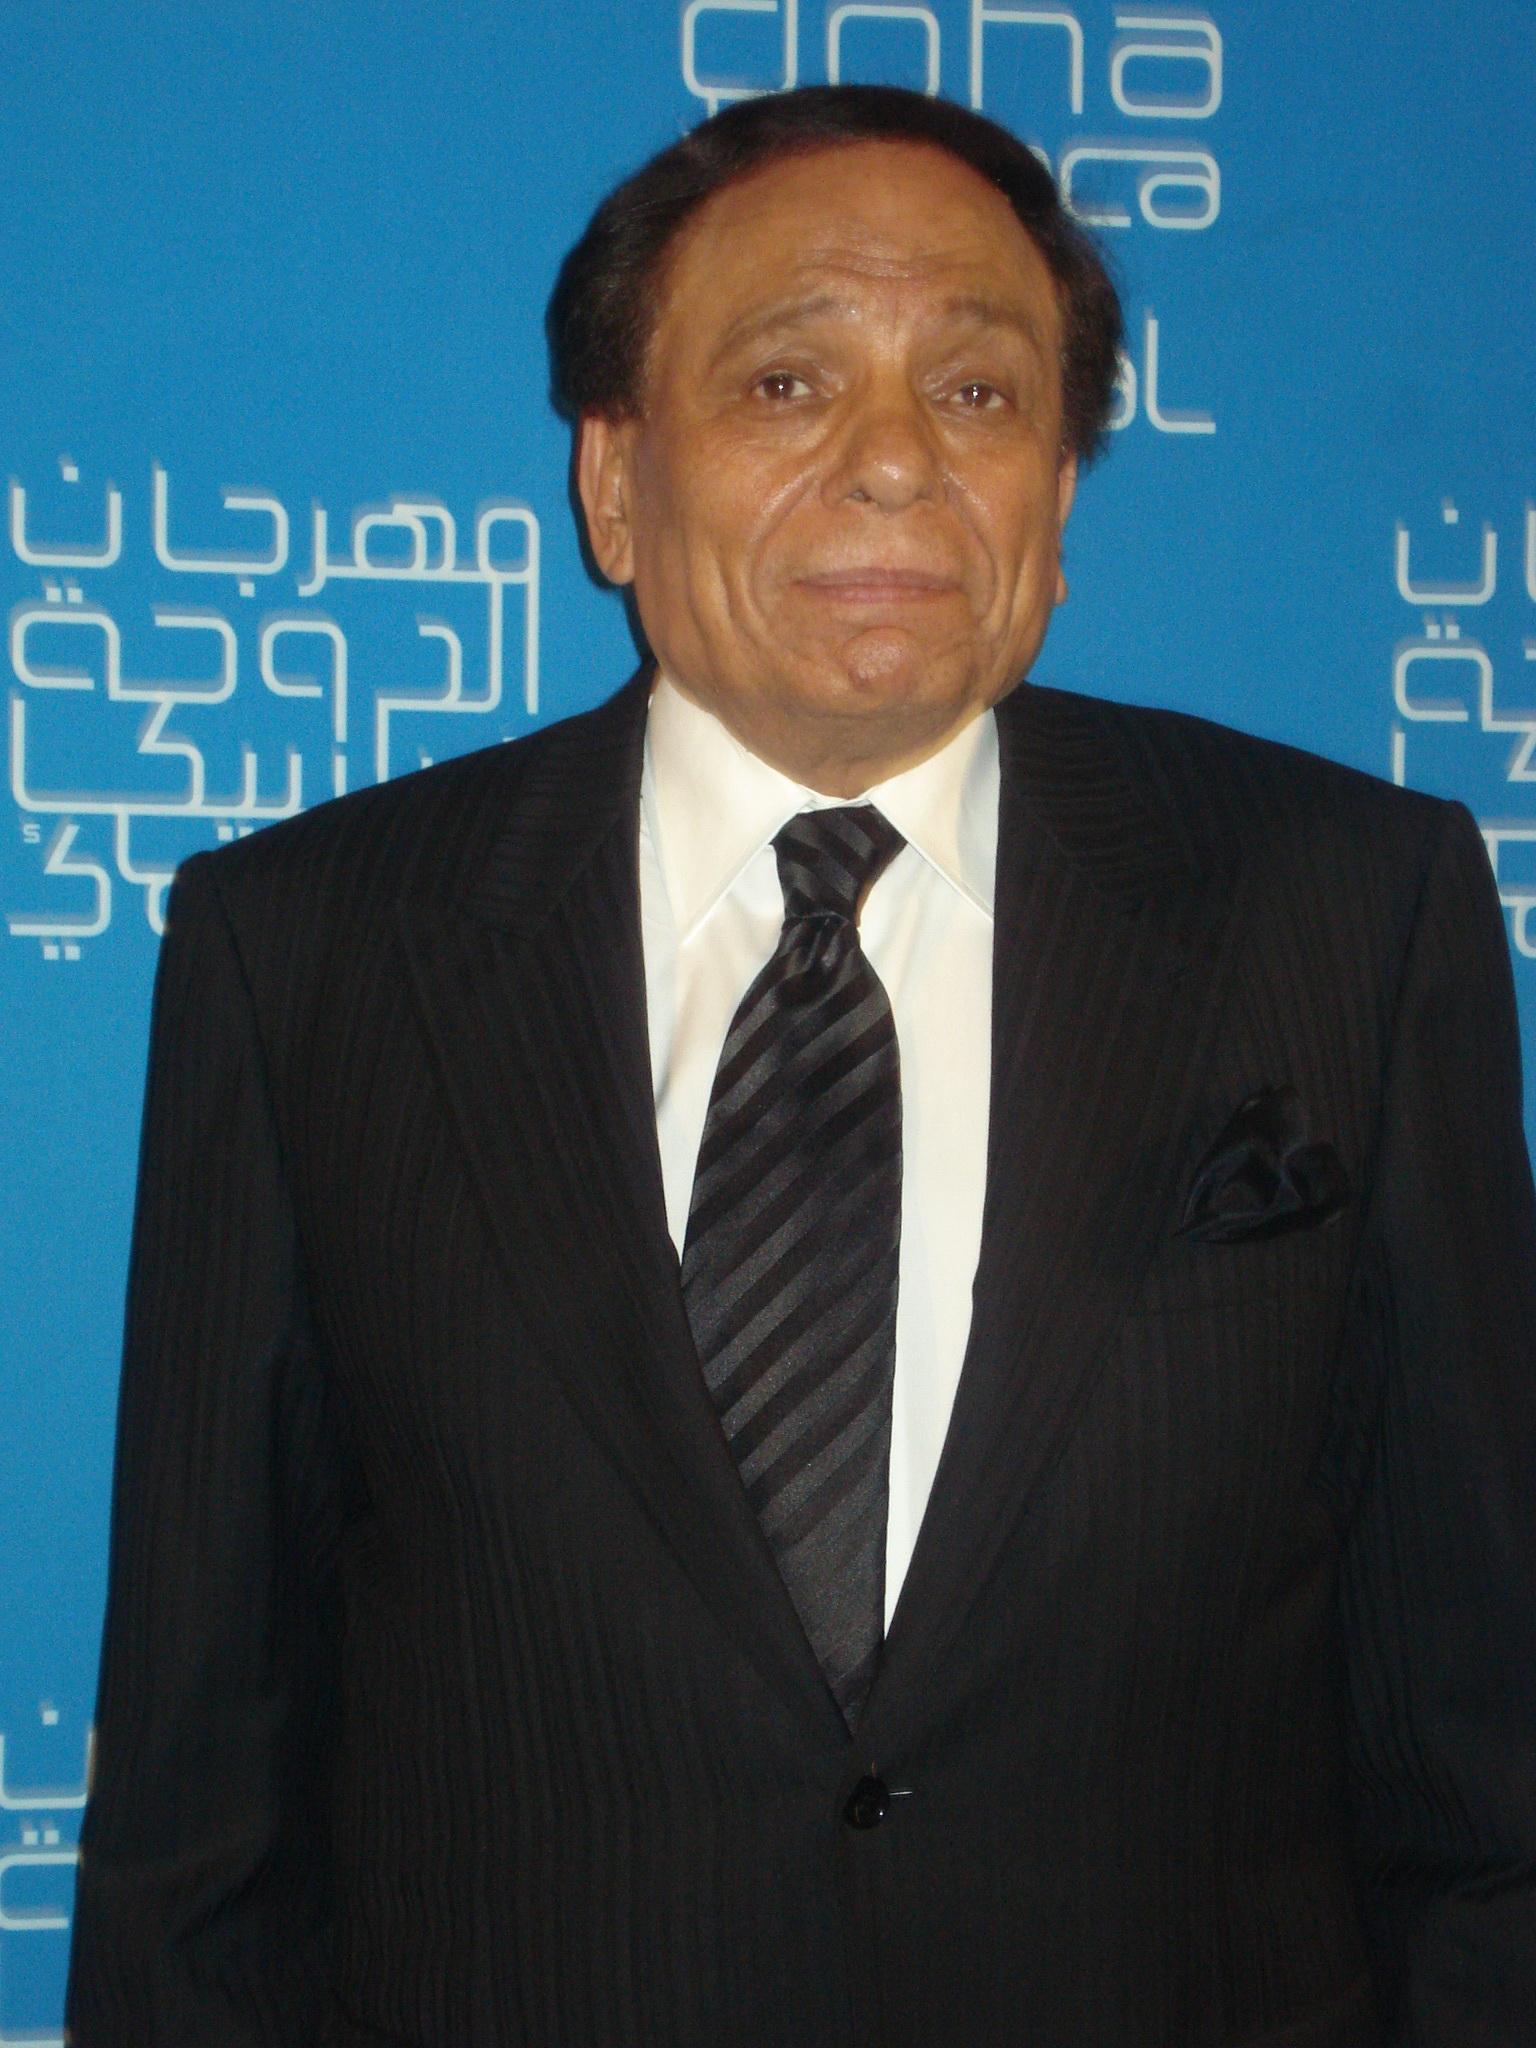 Adel Imam 2009